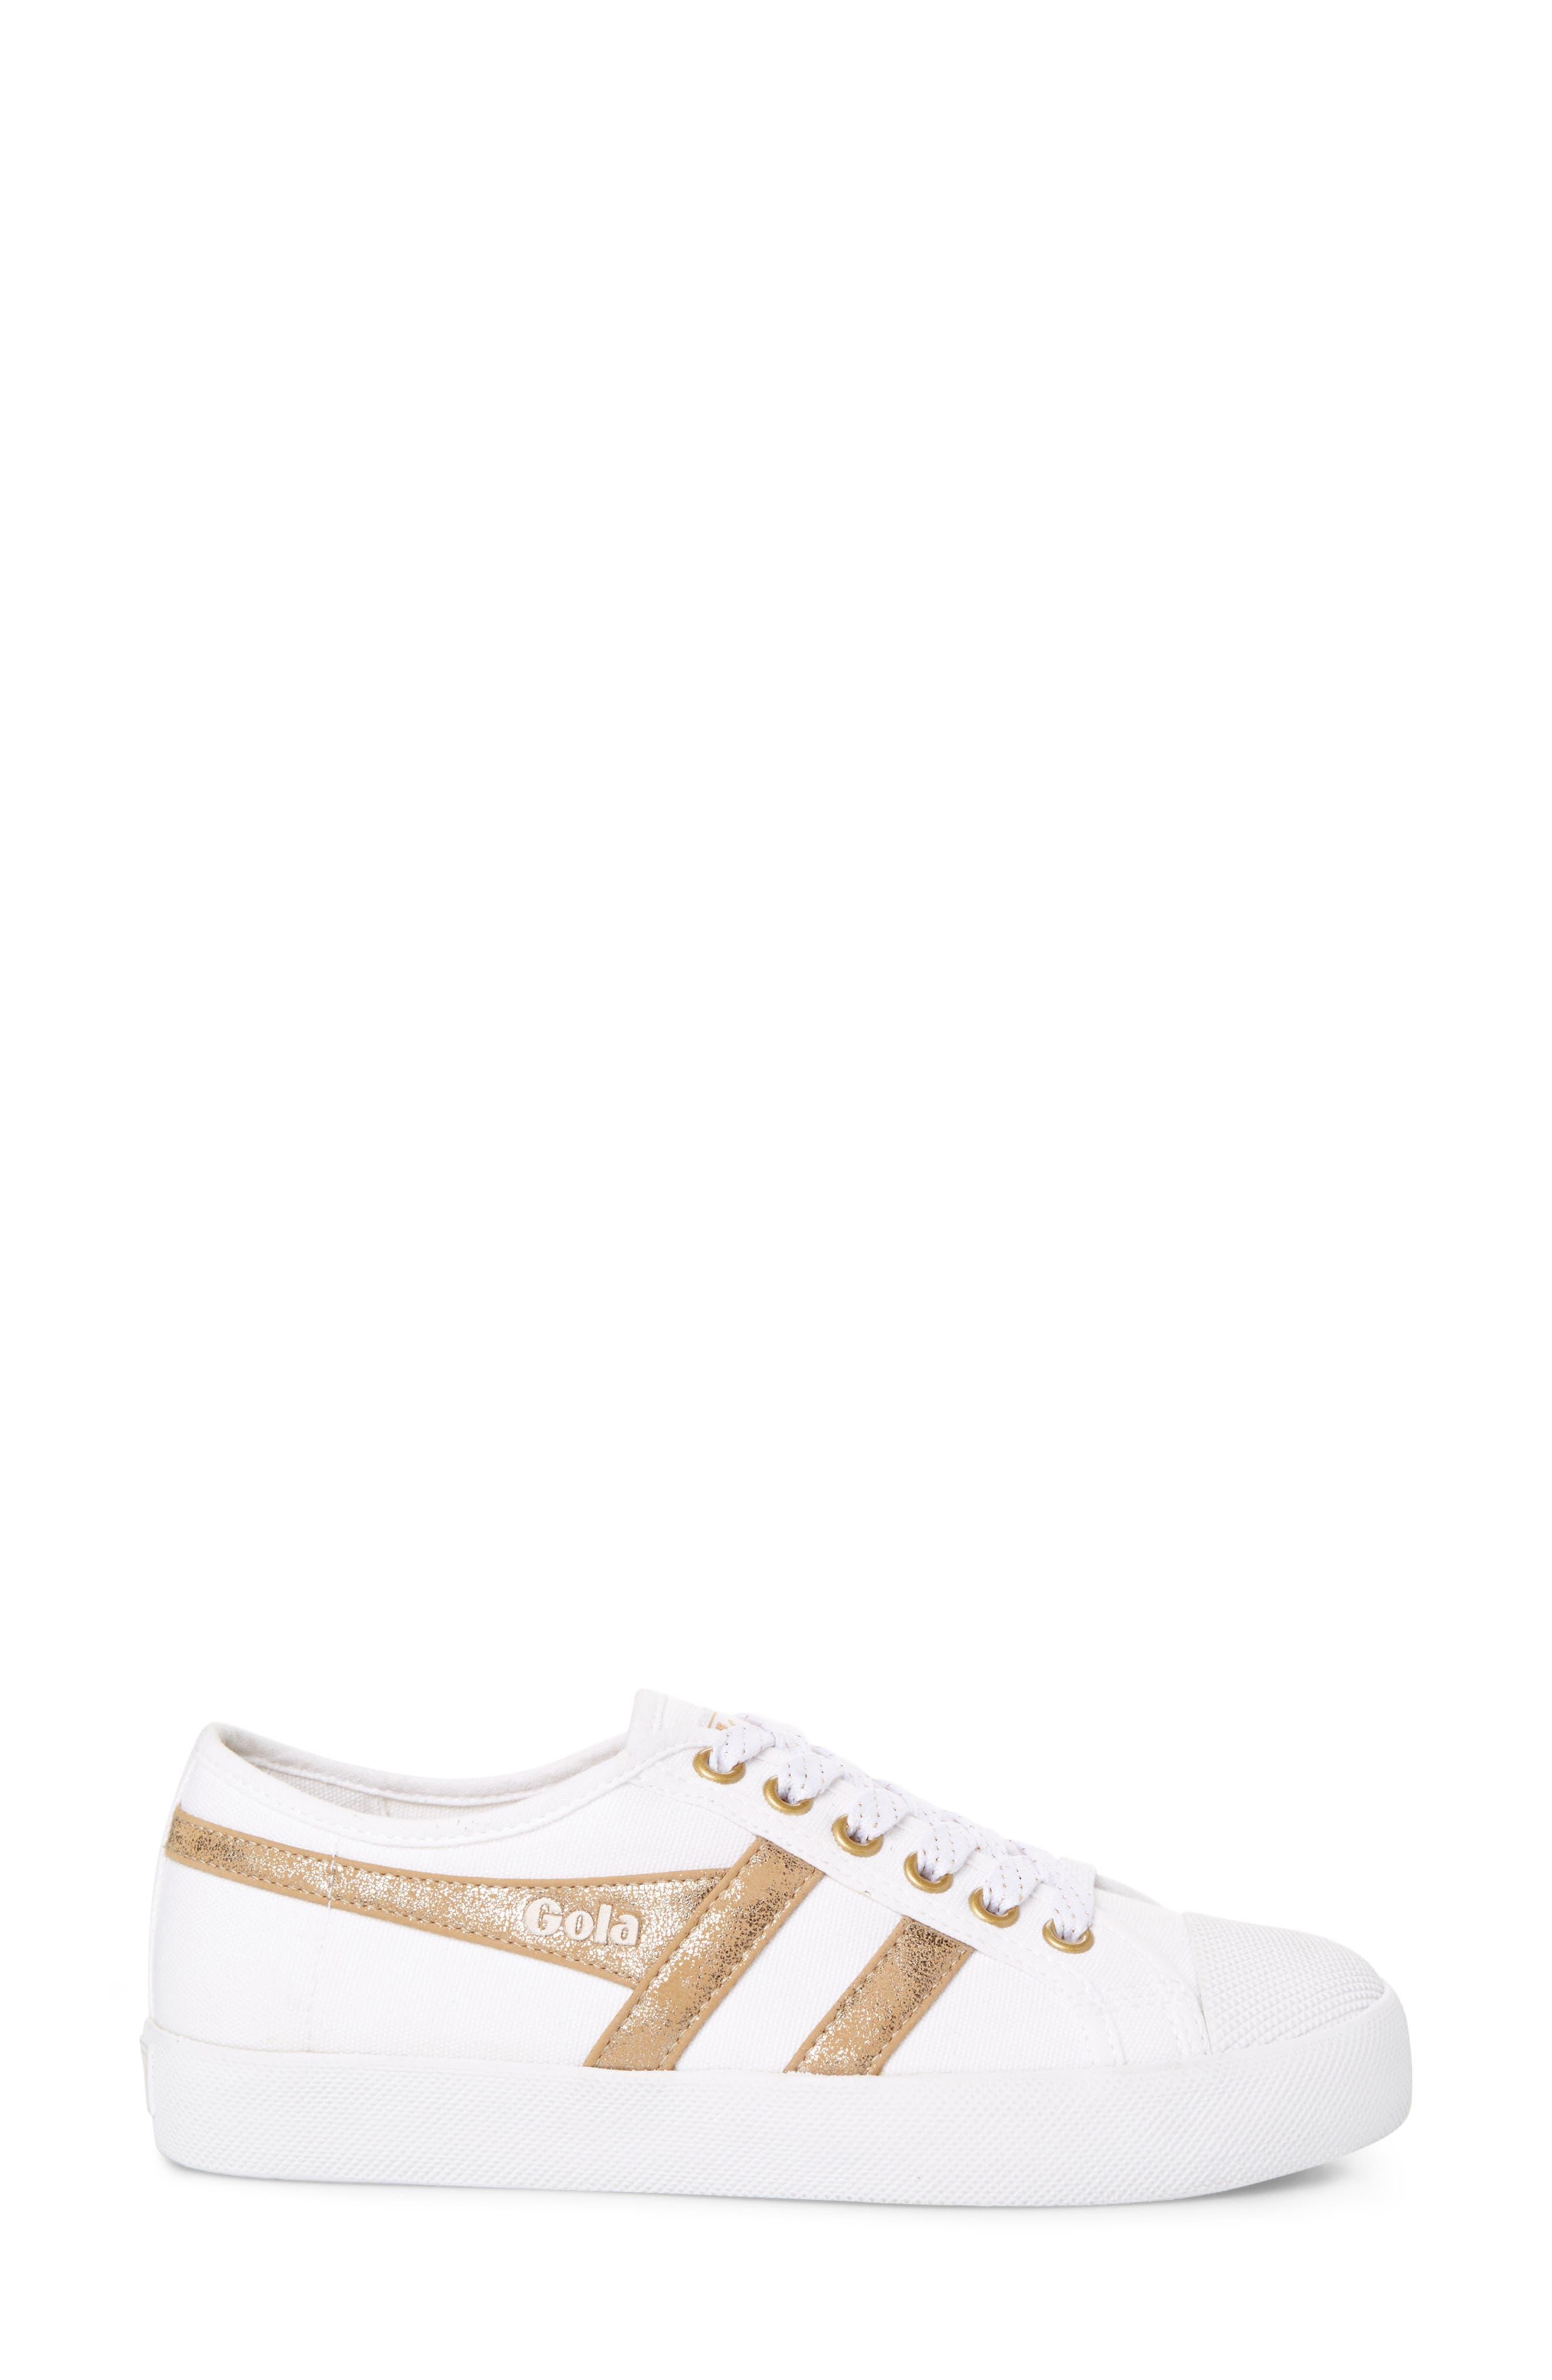 GOLA,                             Coaster Mirror Sneaker,                             Alternate thumbnail 3, color,                             WHITE/ GOLD